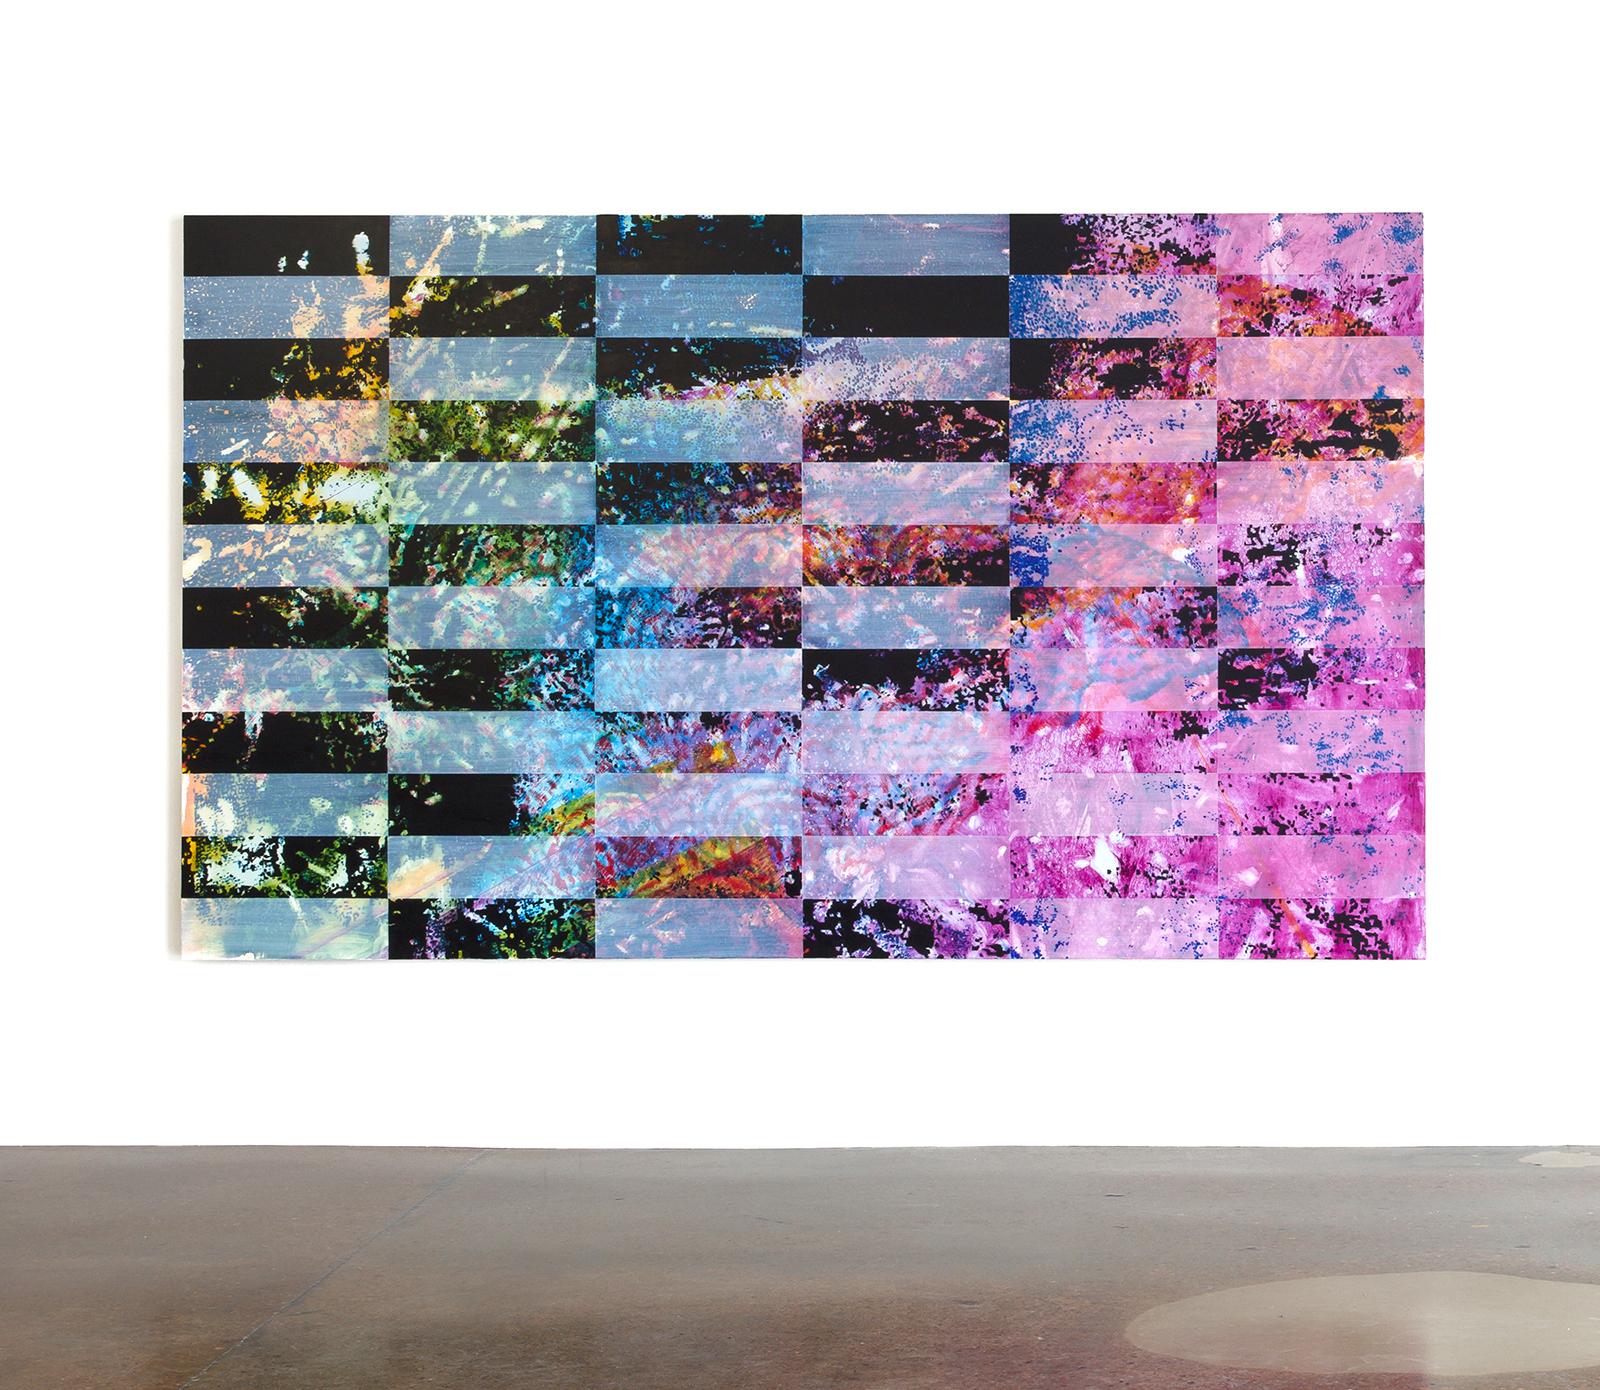 """Jered Sprecher, Respiro, oil on canvas, 72"""" x 120"""", 2015. (Courtesy of Artist and Zeitgeist Gallery)"""